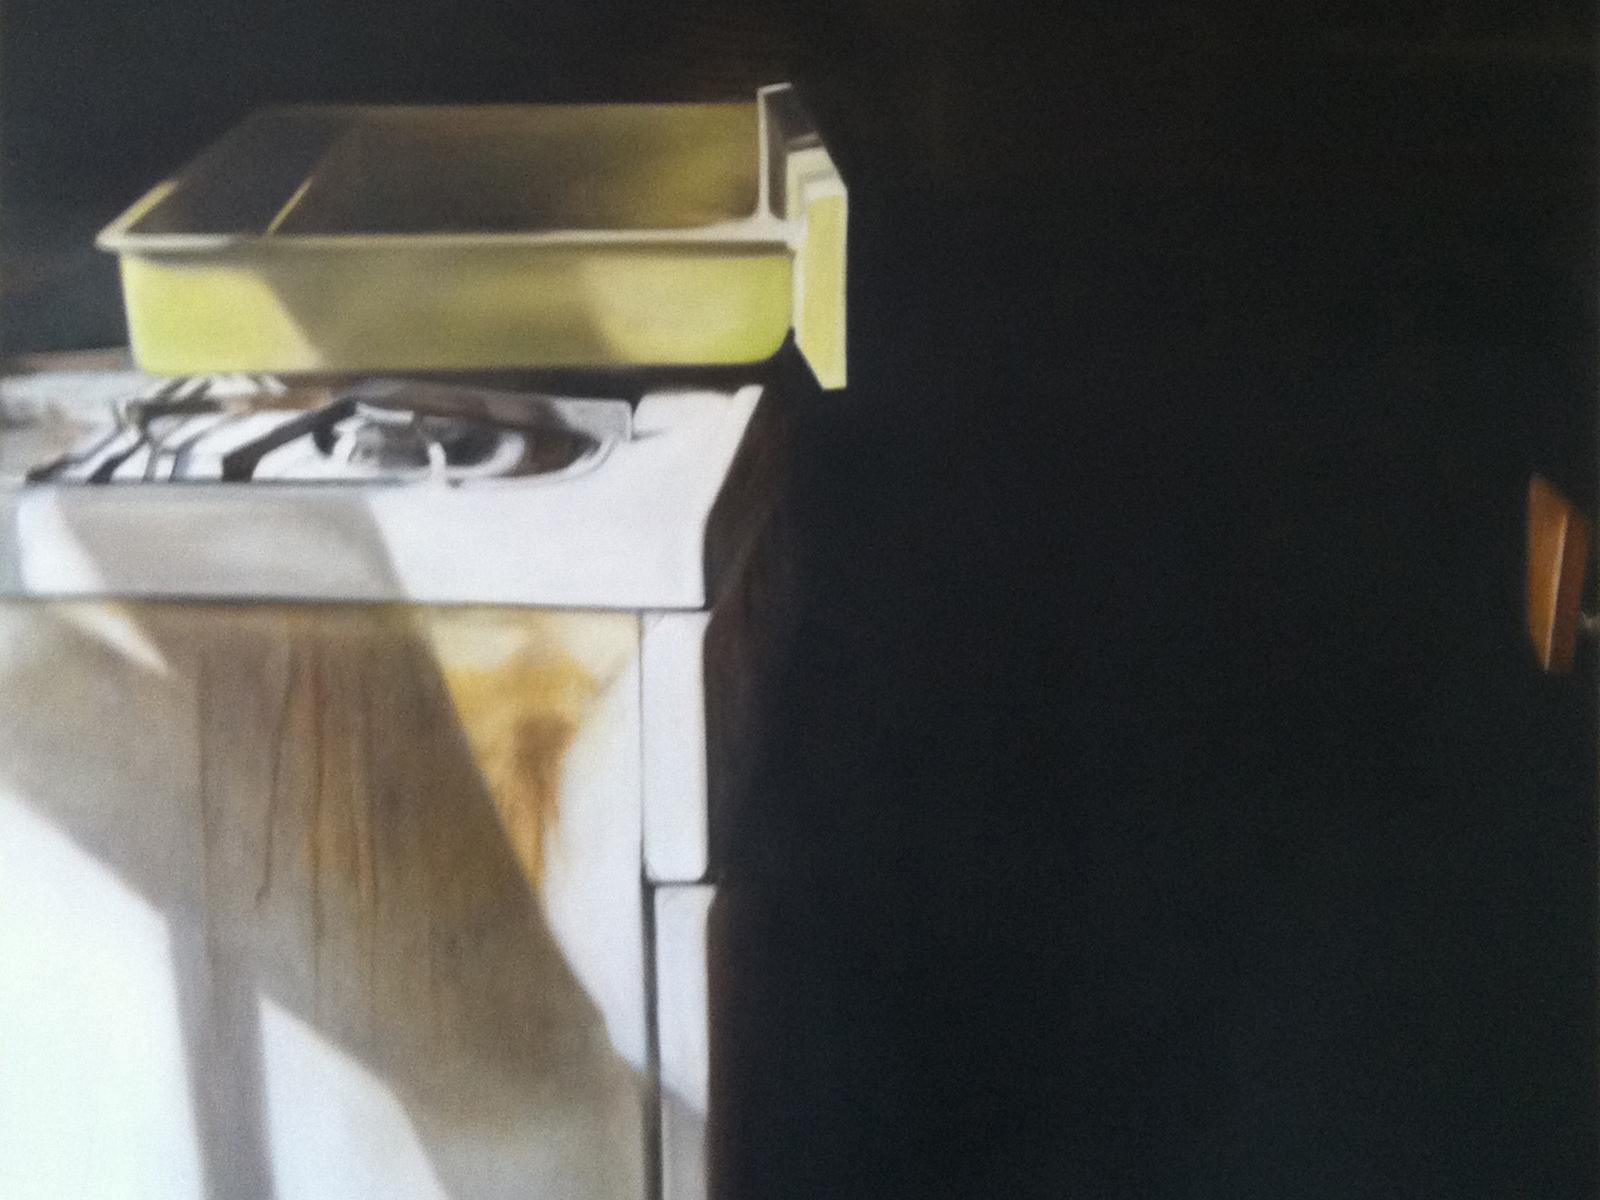 Deborah Martin The Drawer (detail), 2011 Recipient